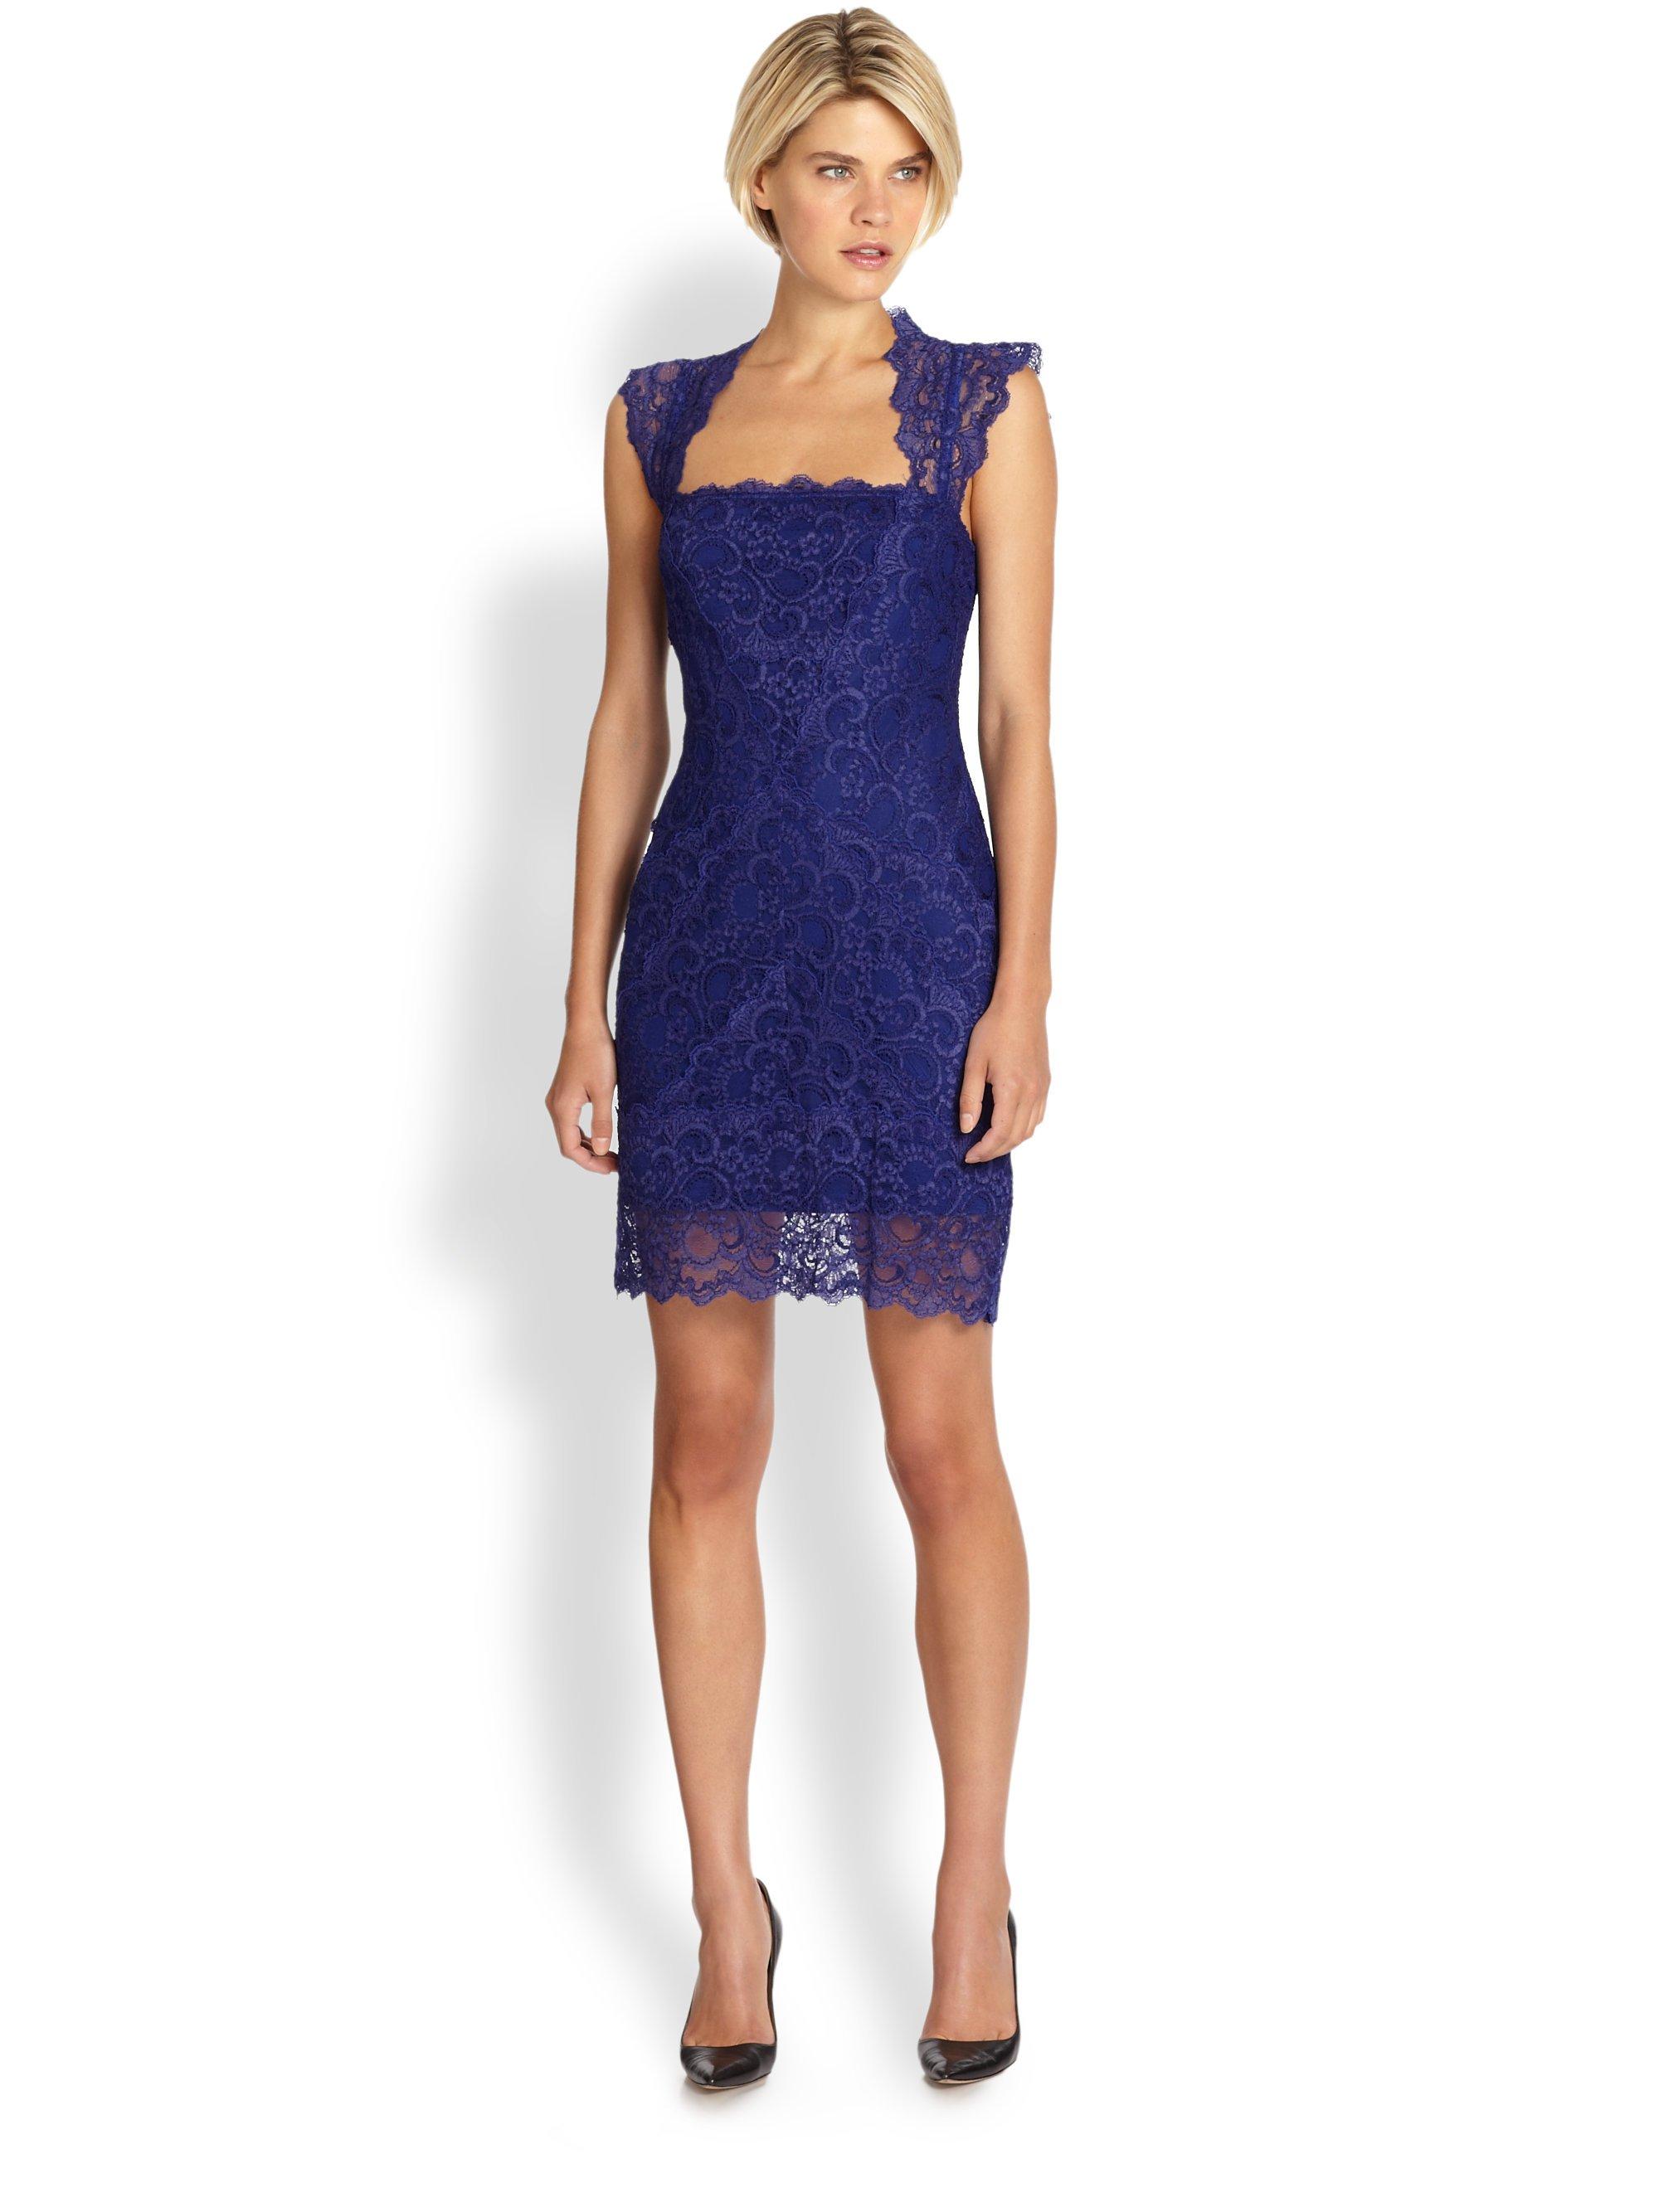 Stretch Lace Cutout Back Dress